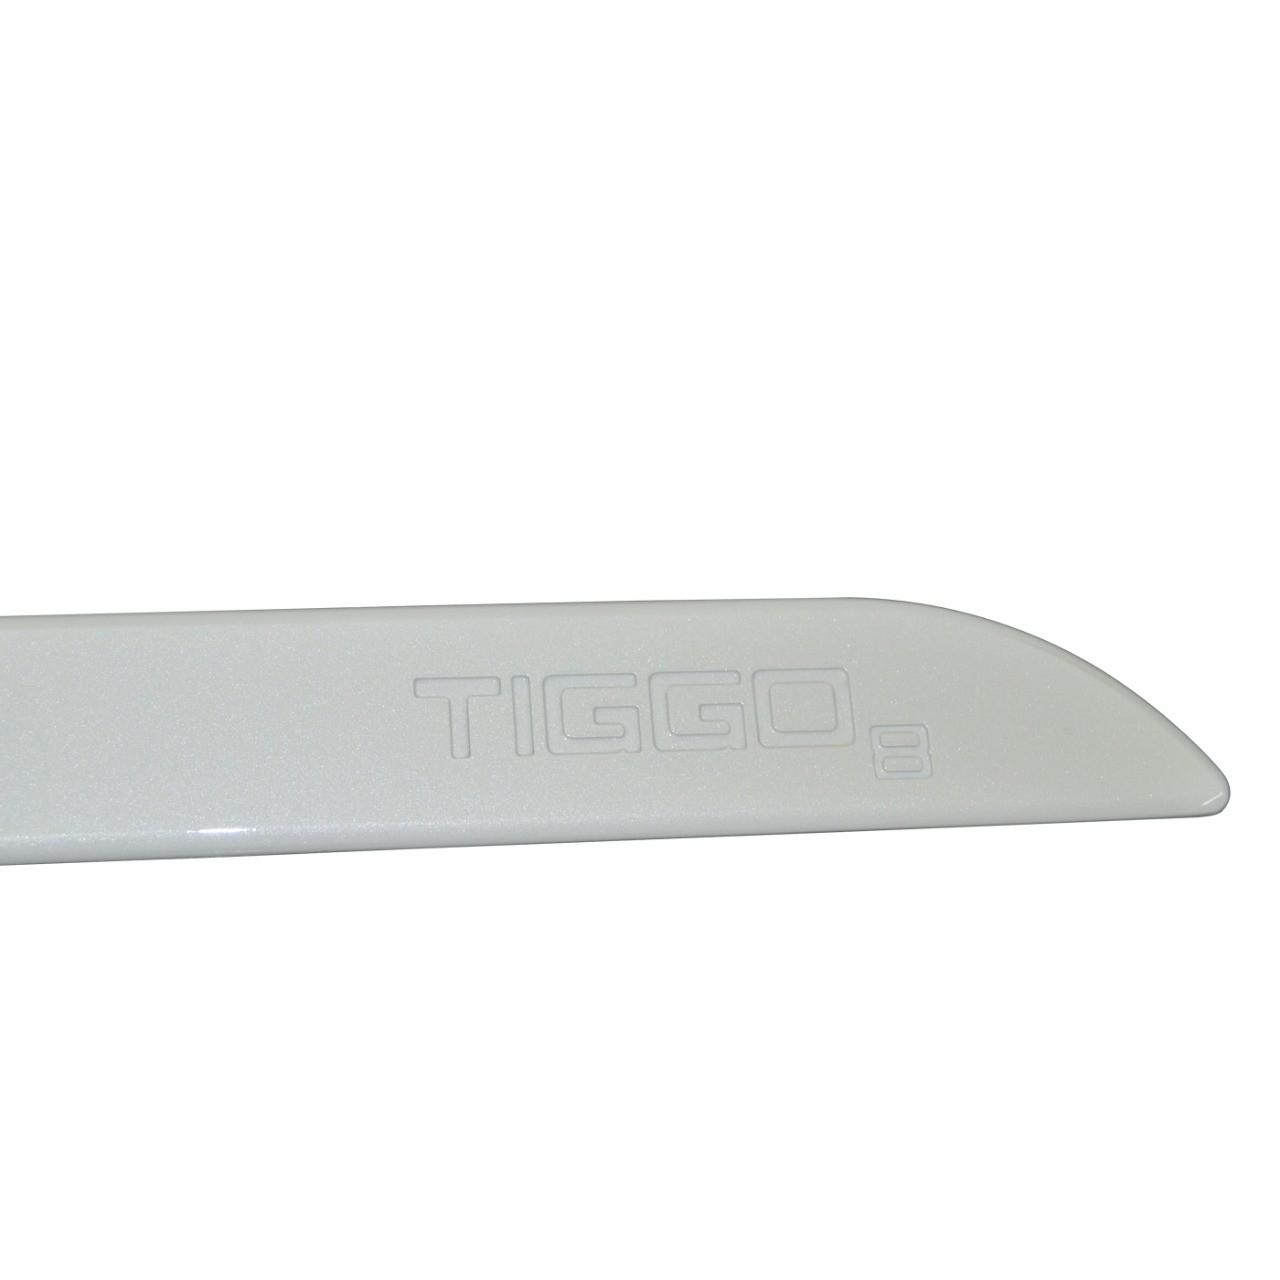 Friso Lateral Tiggo 8 Branco Perolizado com nome em baixo relevo